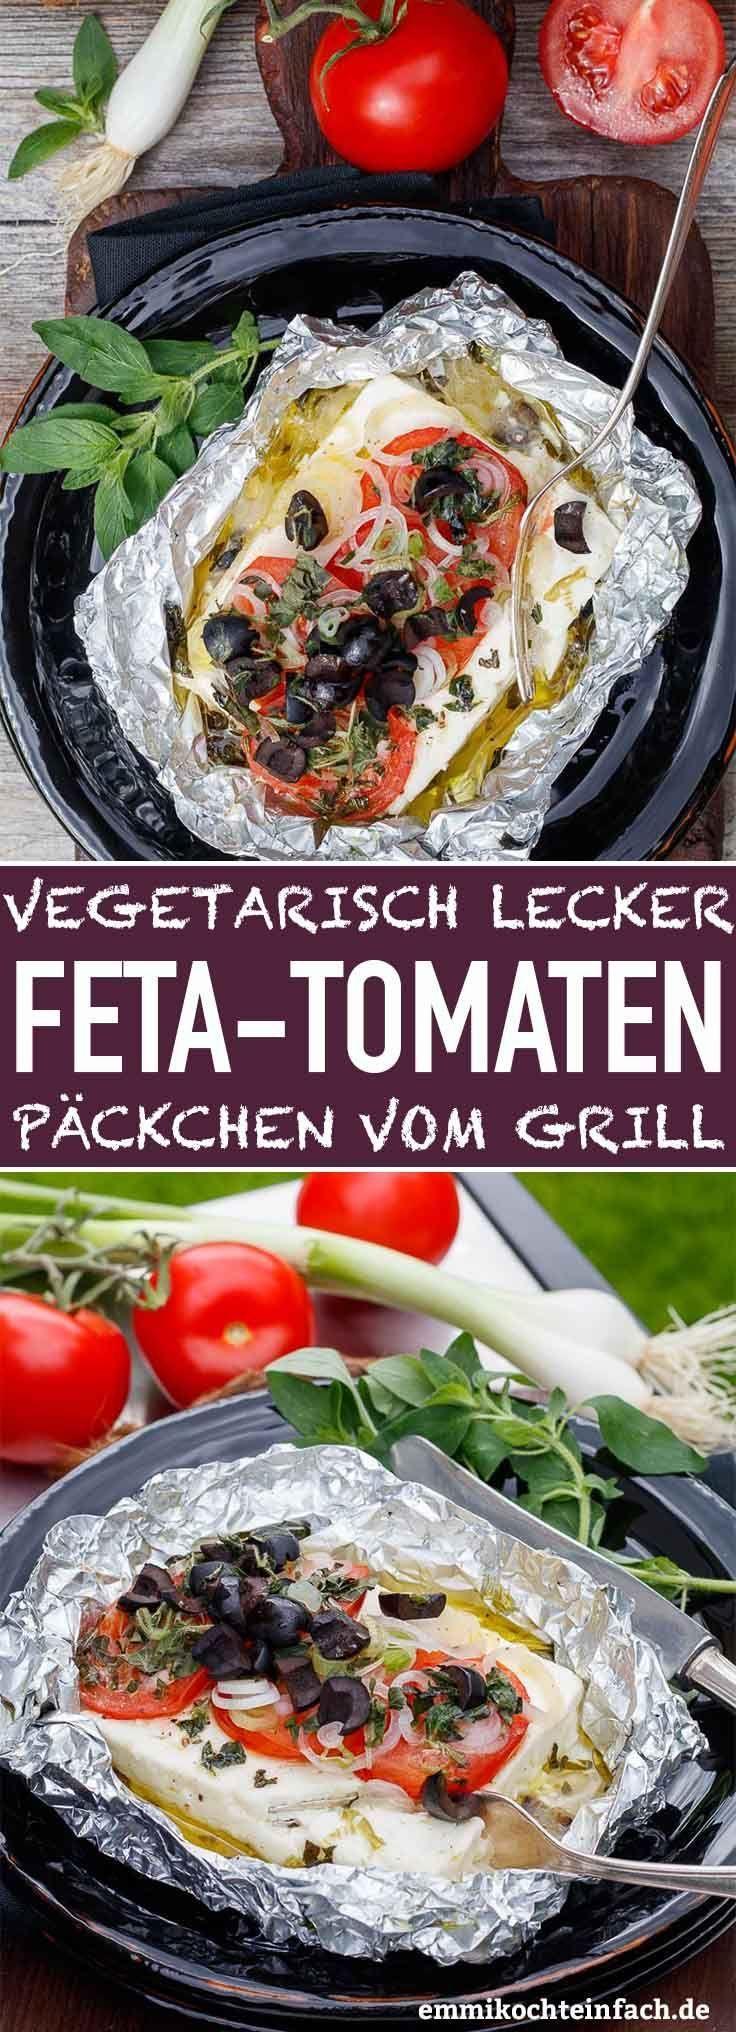 Feta Tomaten Päckchen vom Grill - emmikochteinfach